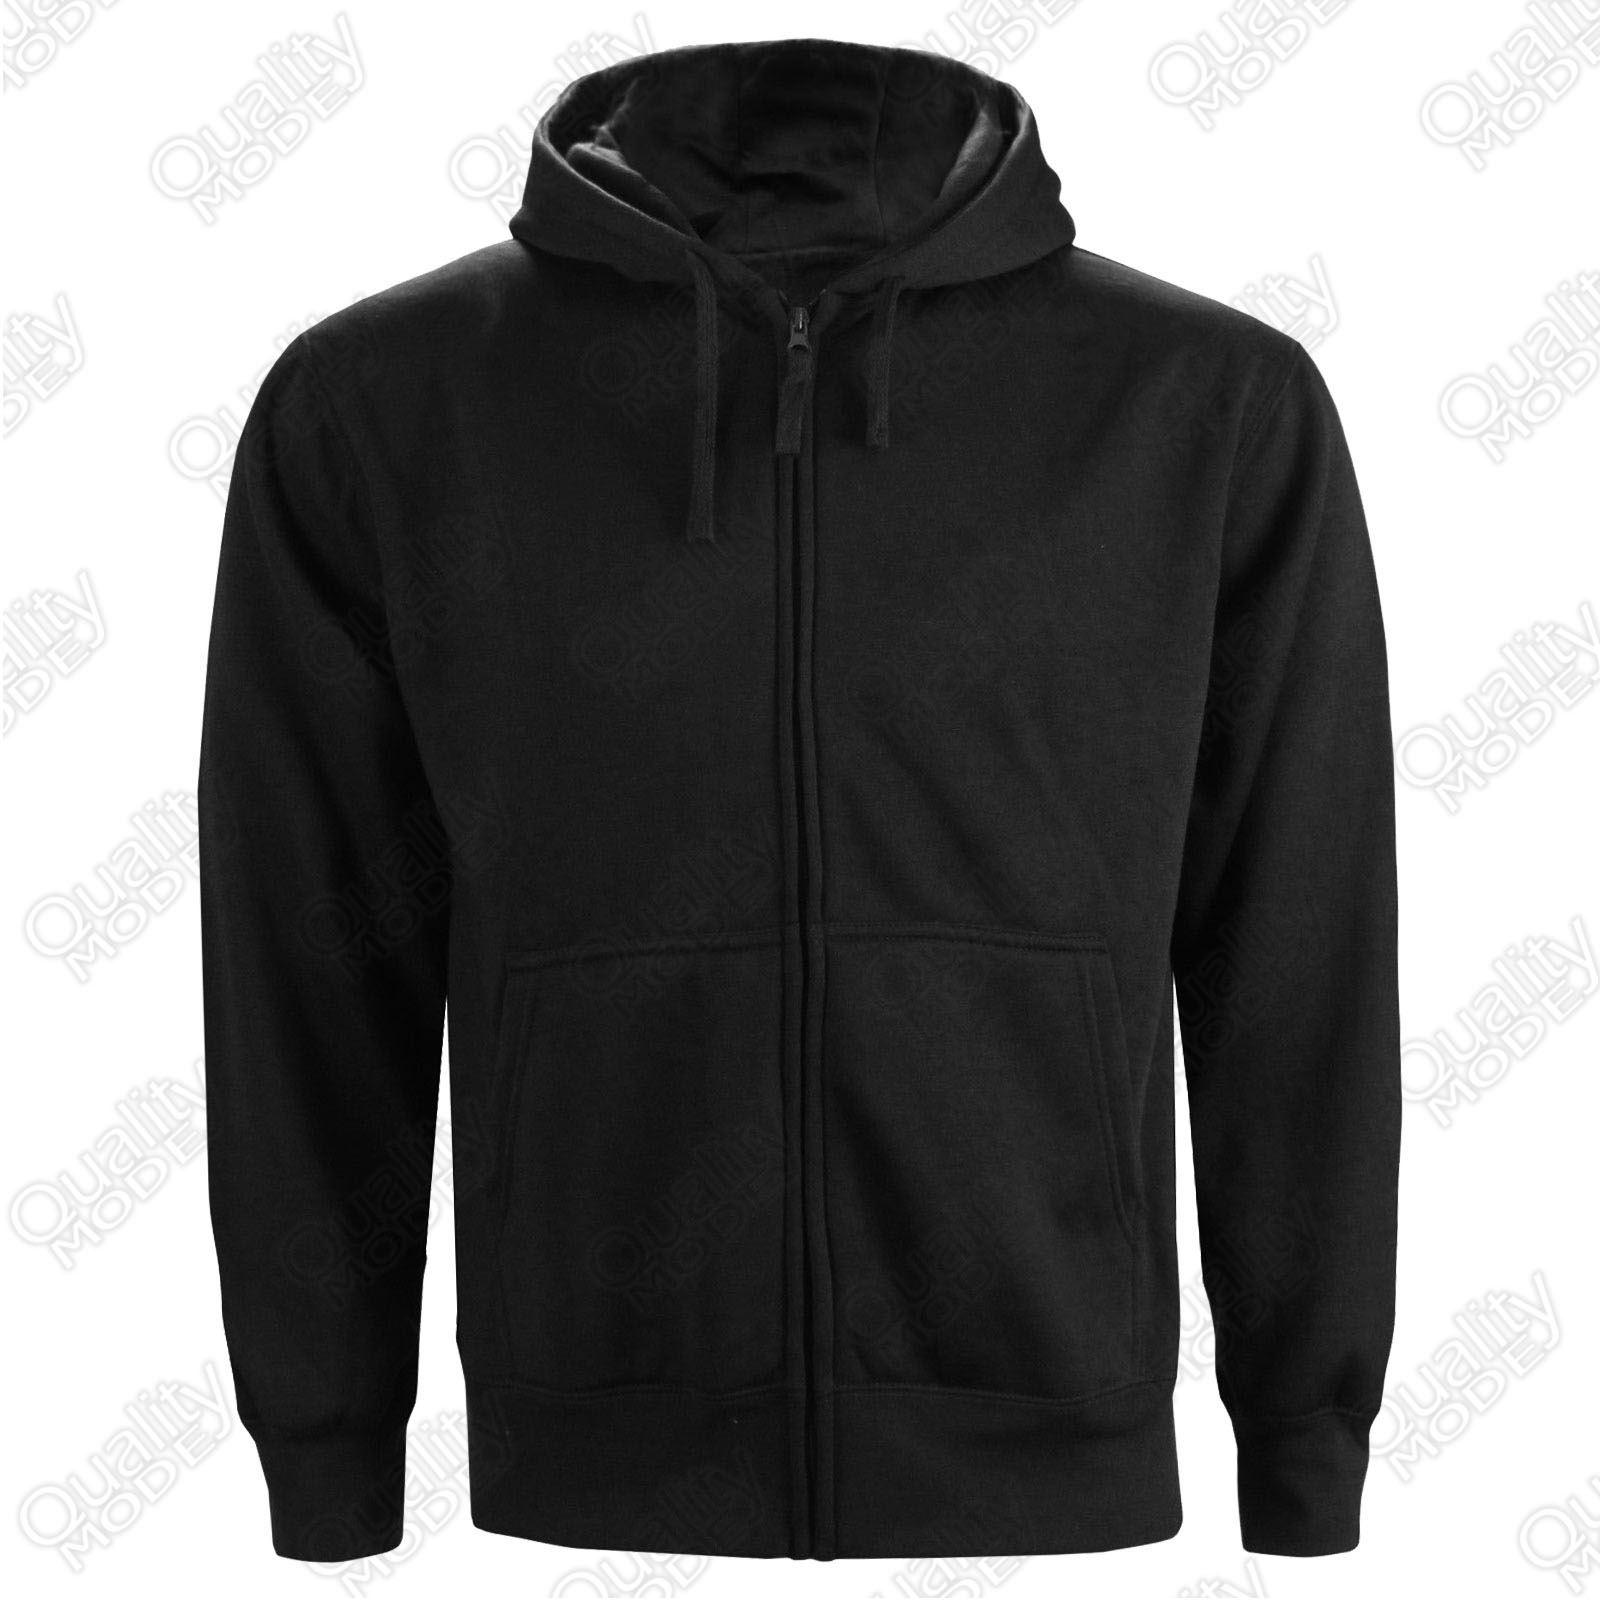 Hood hoodies